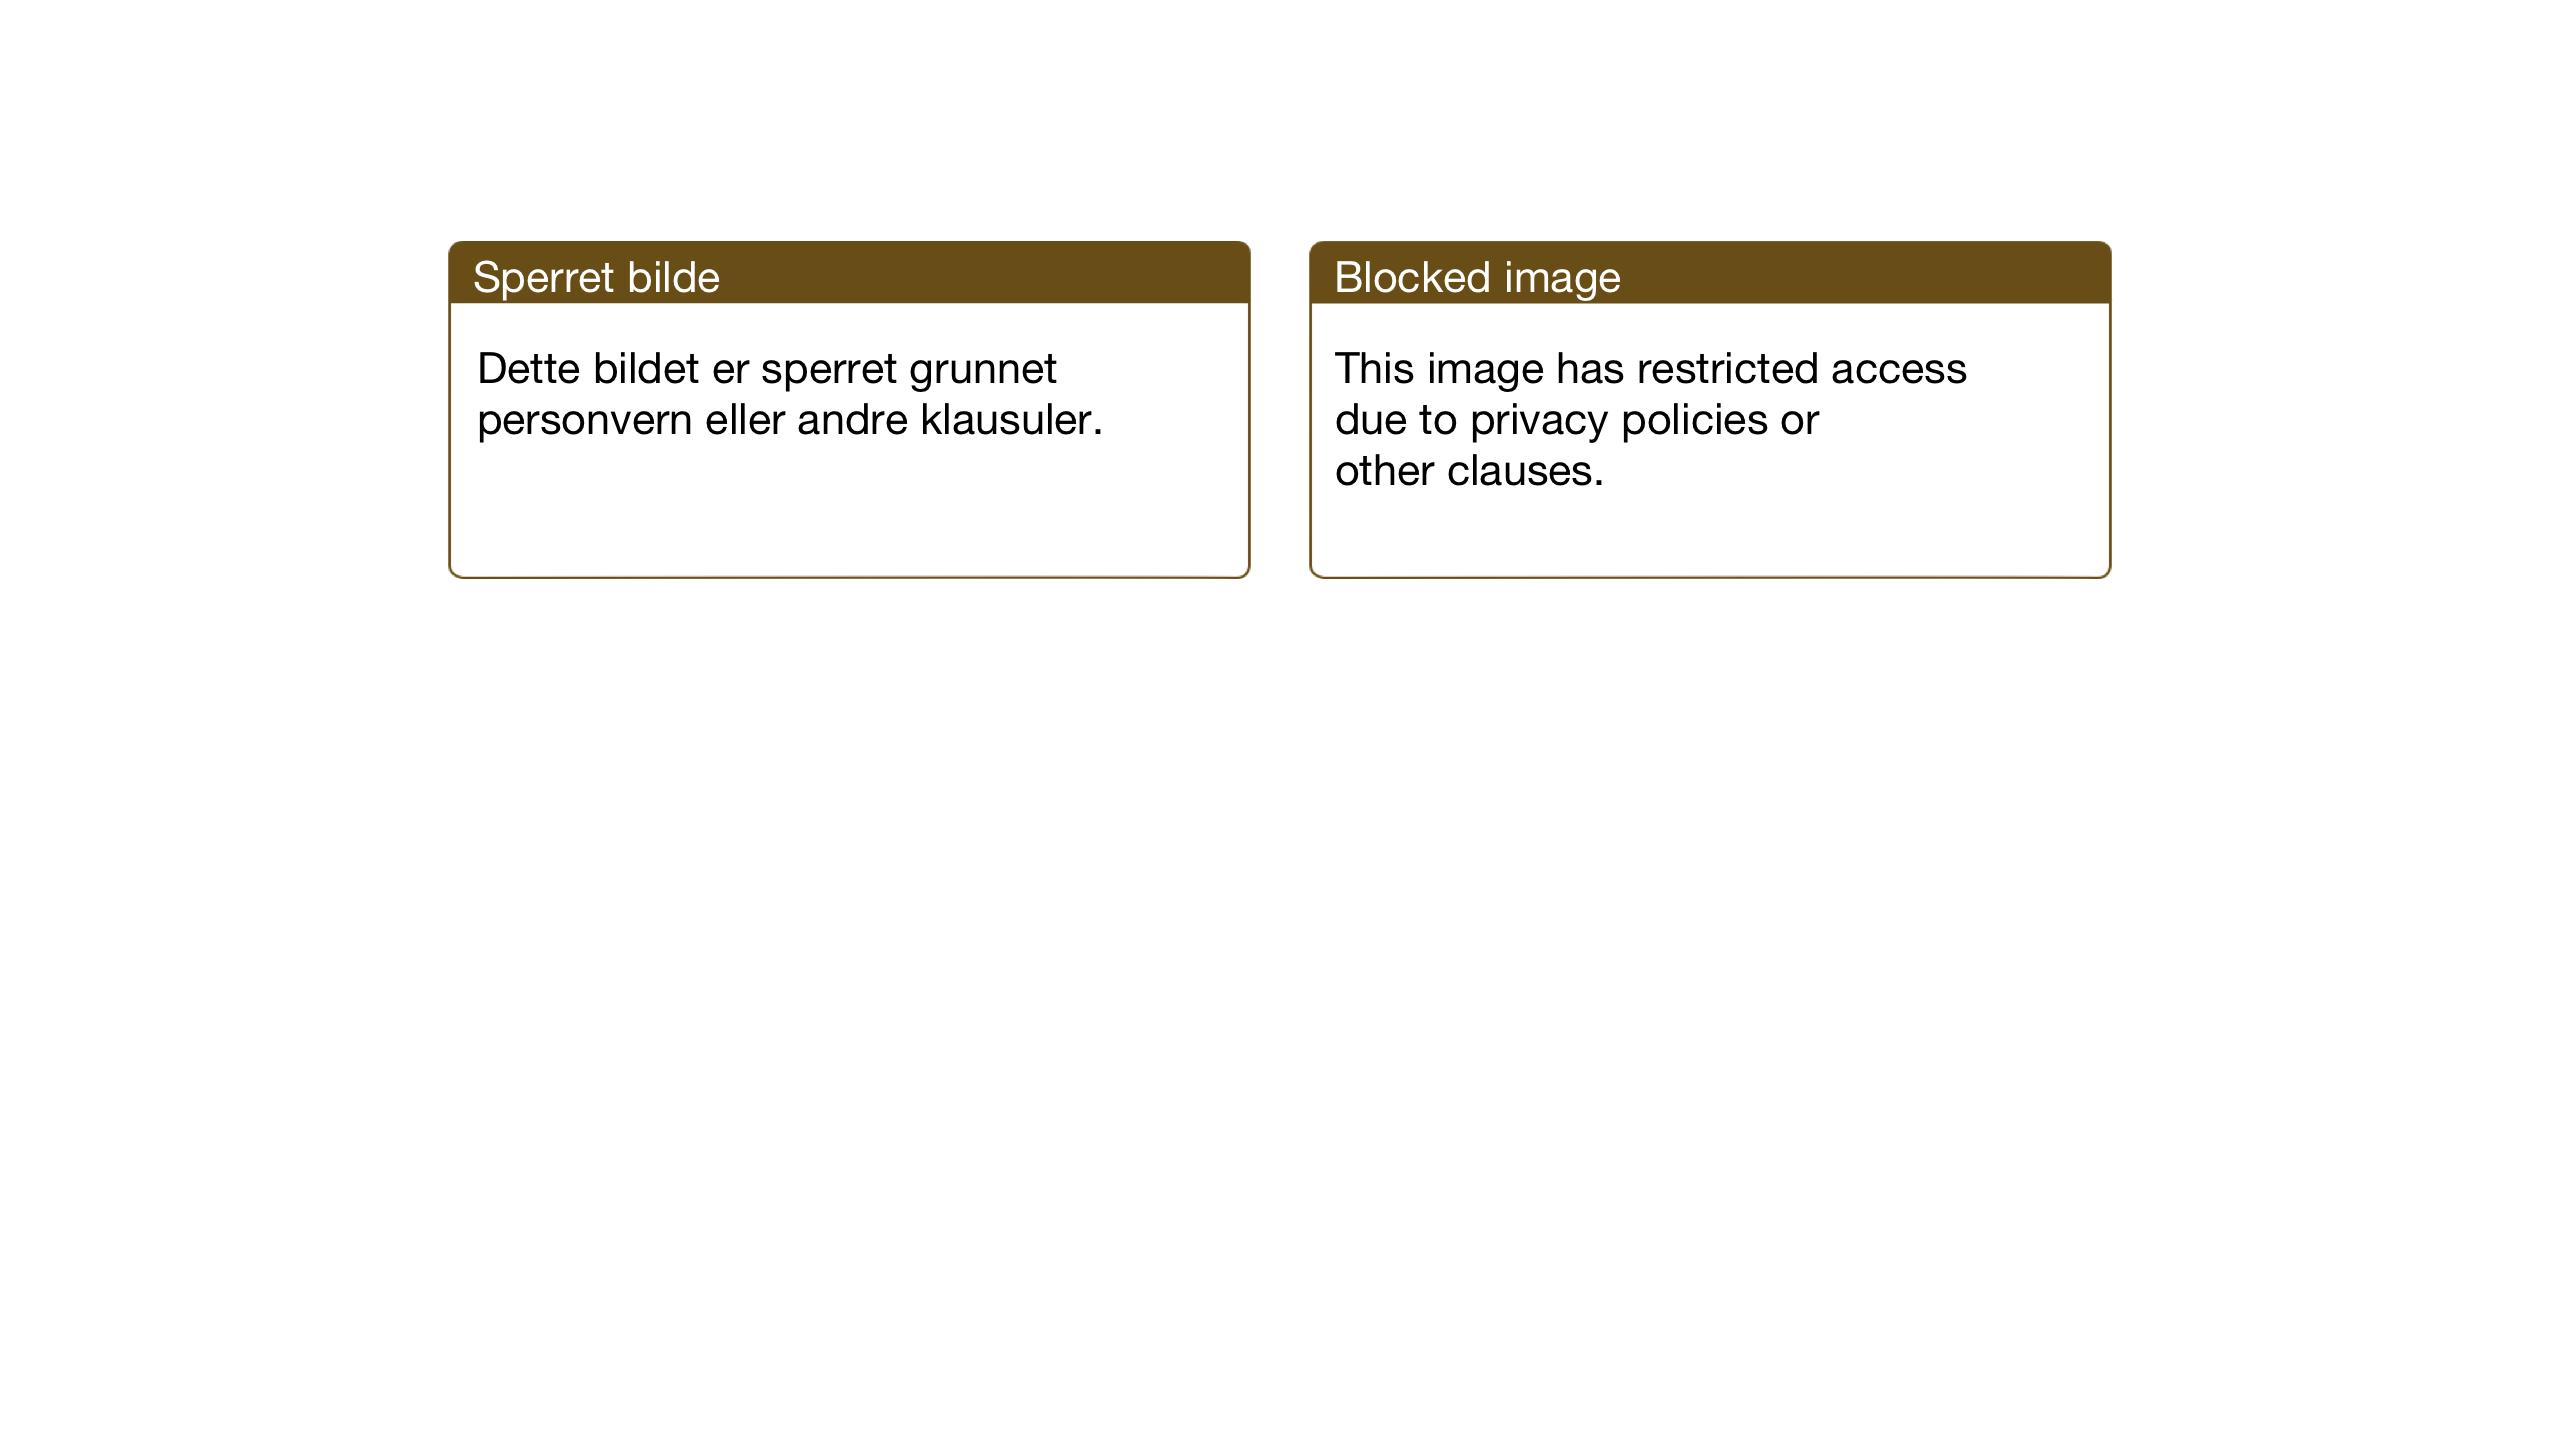 SAT, Ministerialprotokoller, klokkerbøker og fødselsregistre - Sør-Trøndelag, 602/L0120: Ministerialbok nr. 602A18, 1880-1913, s. 185